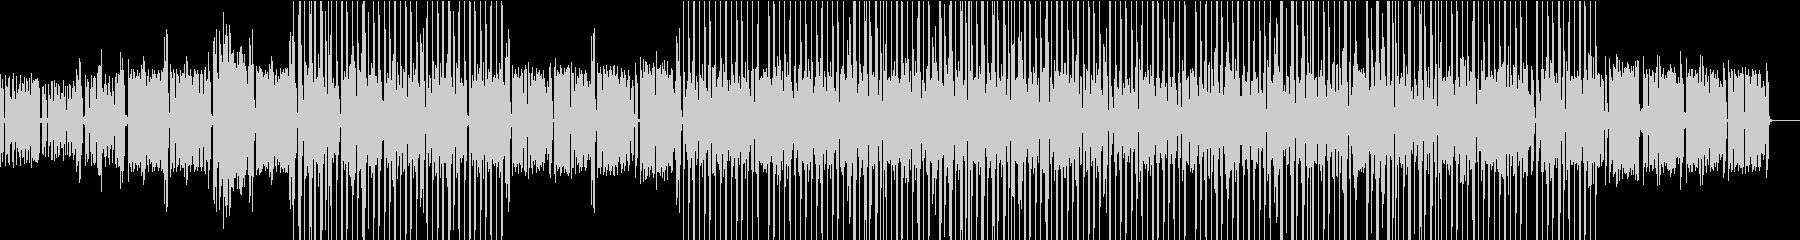 アーバンファンク。根と溝。ニューヨ...の未再生の波形